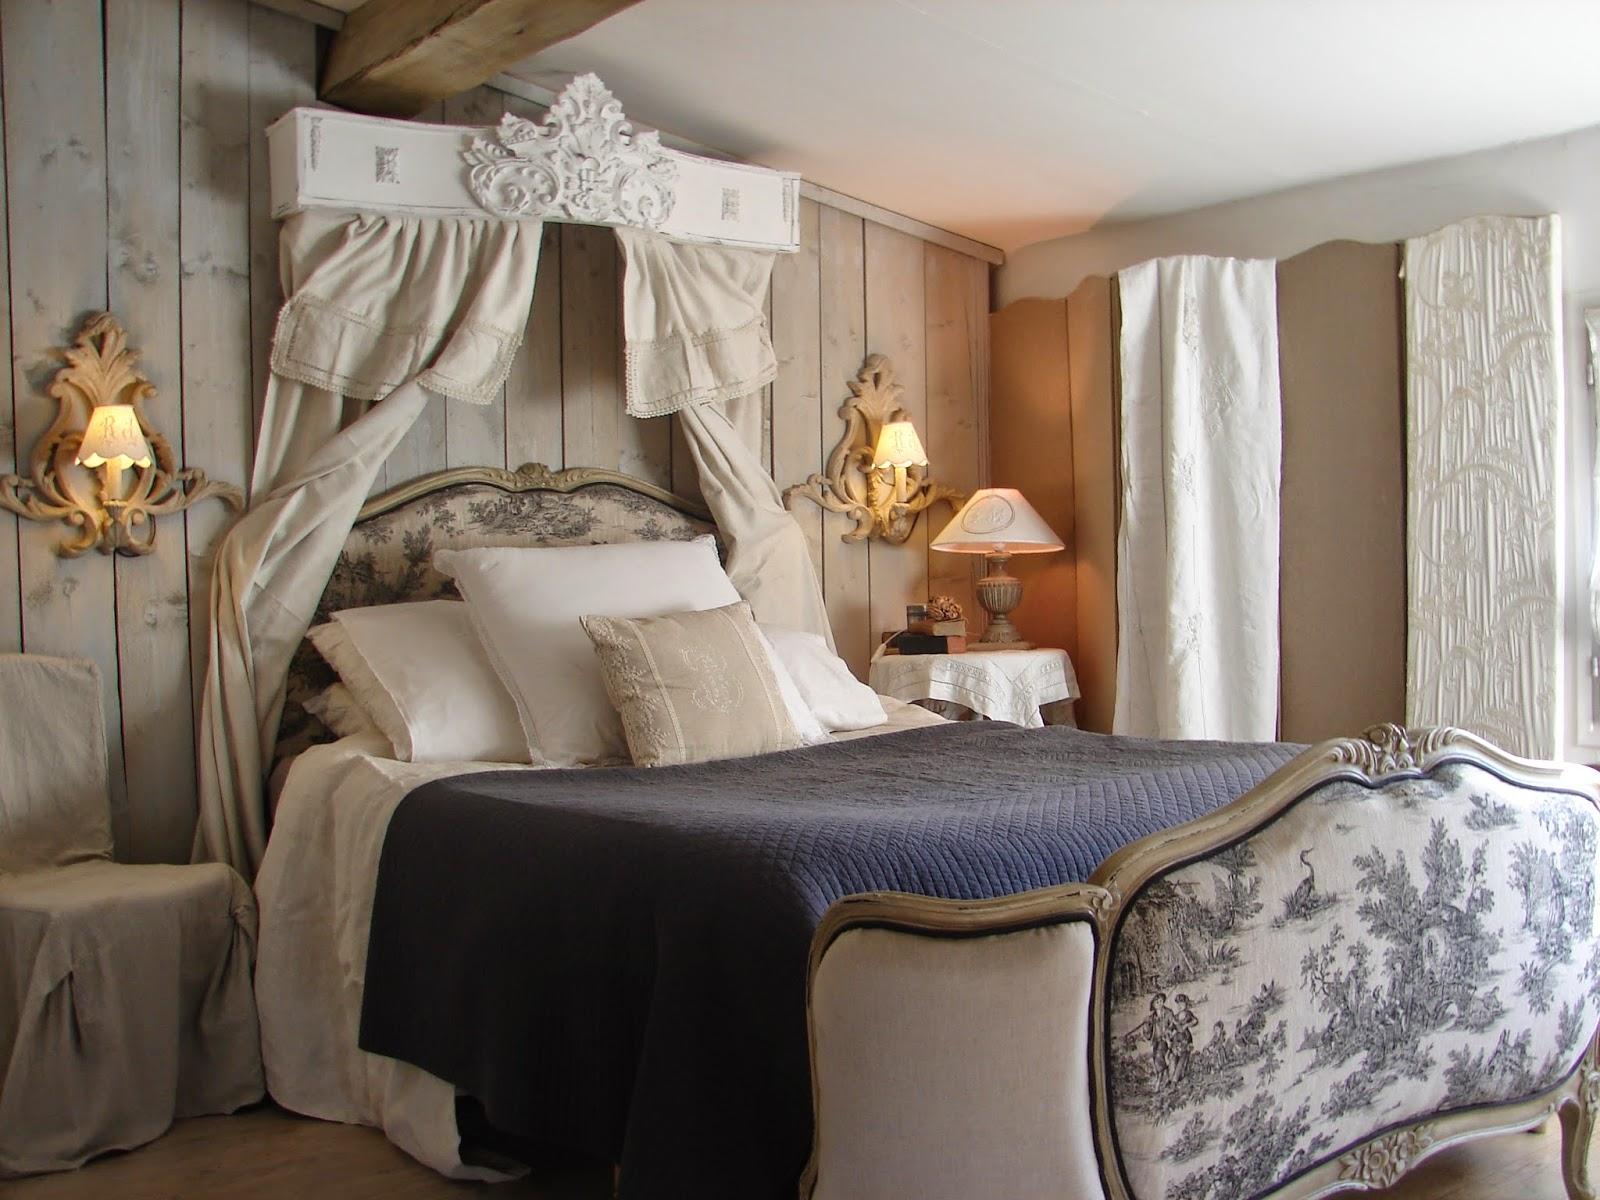 style classique ou style contemporain vous de choisir. Black Bedroom Furniture Sets. Home Design Ideas